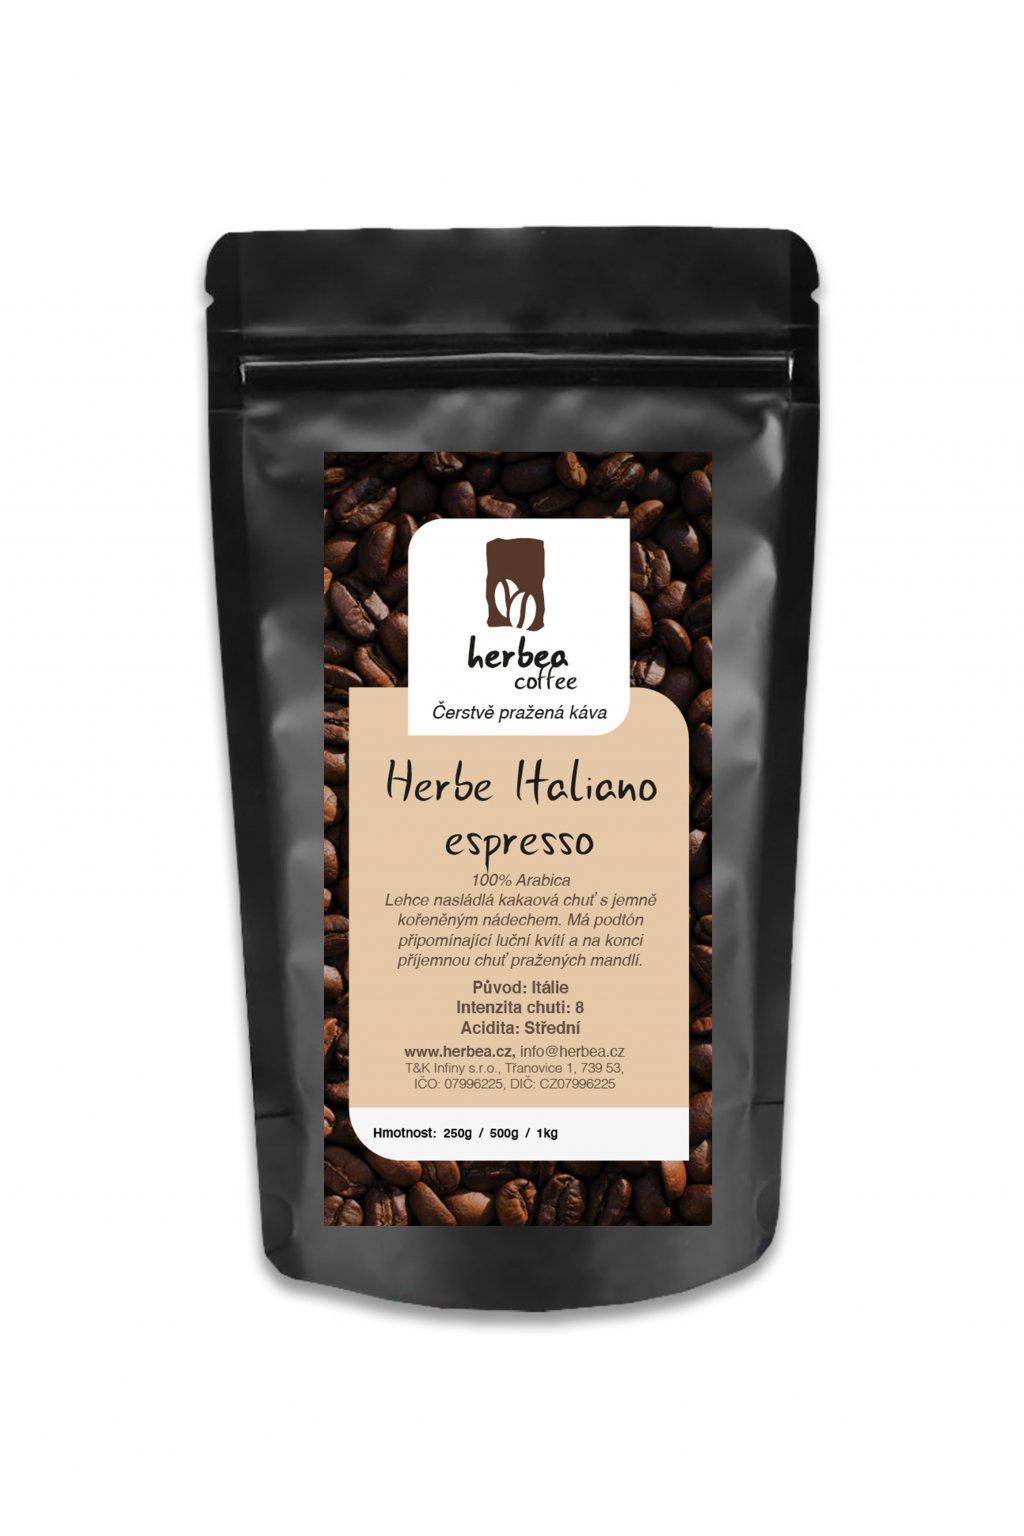 Herbe Italiano espresso2